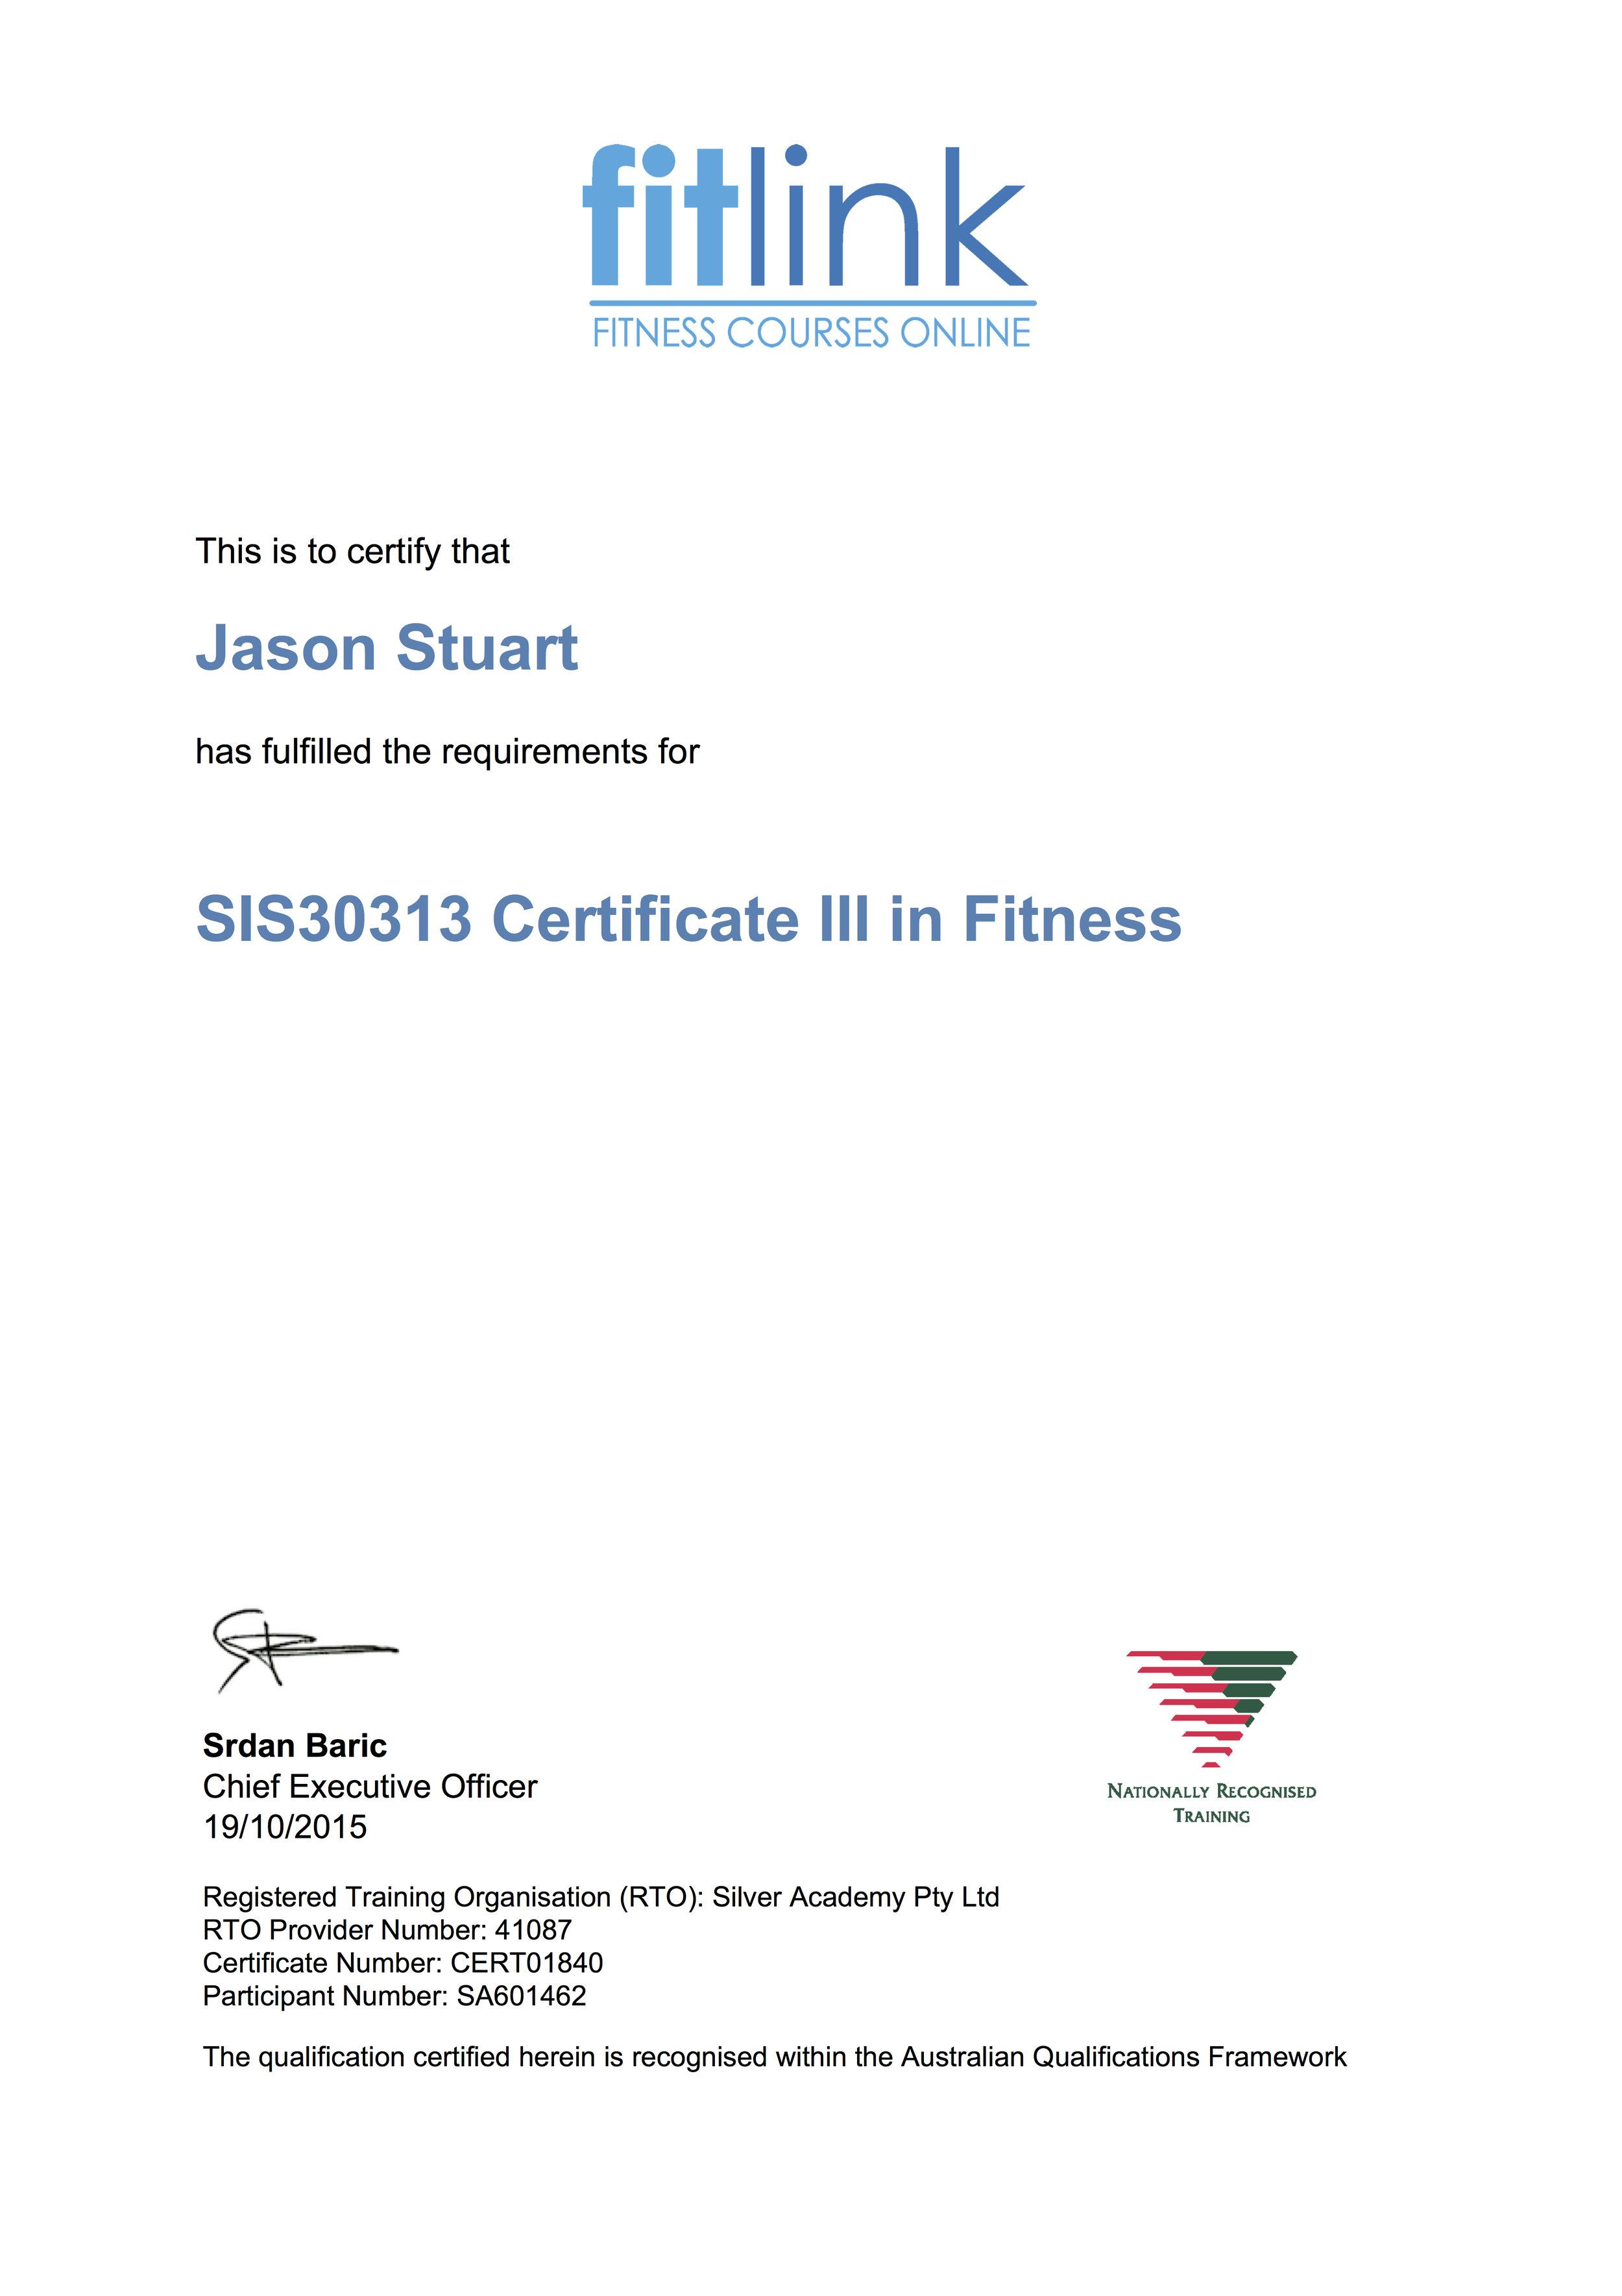 Certificate III in Fitness.jpg